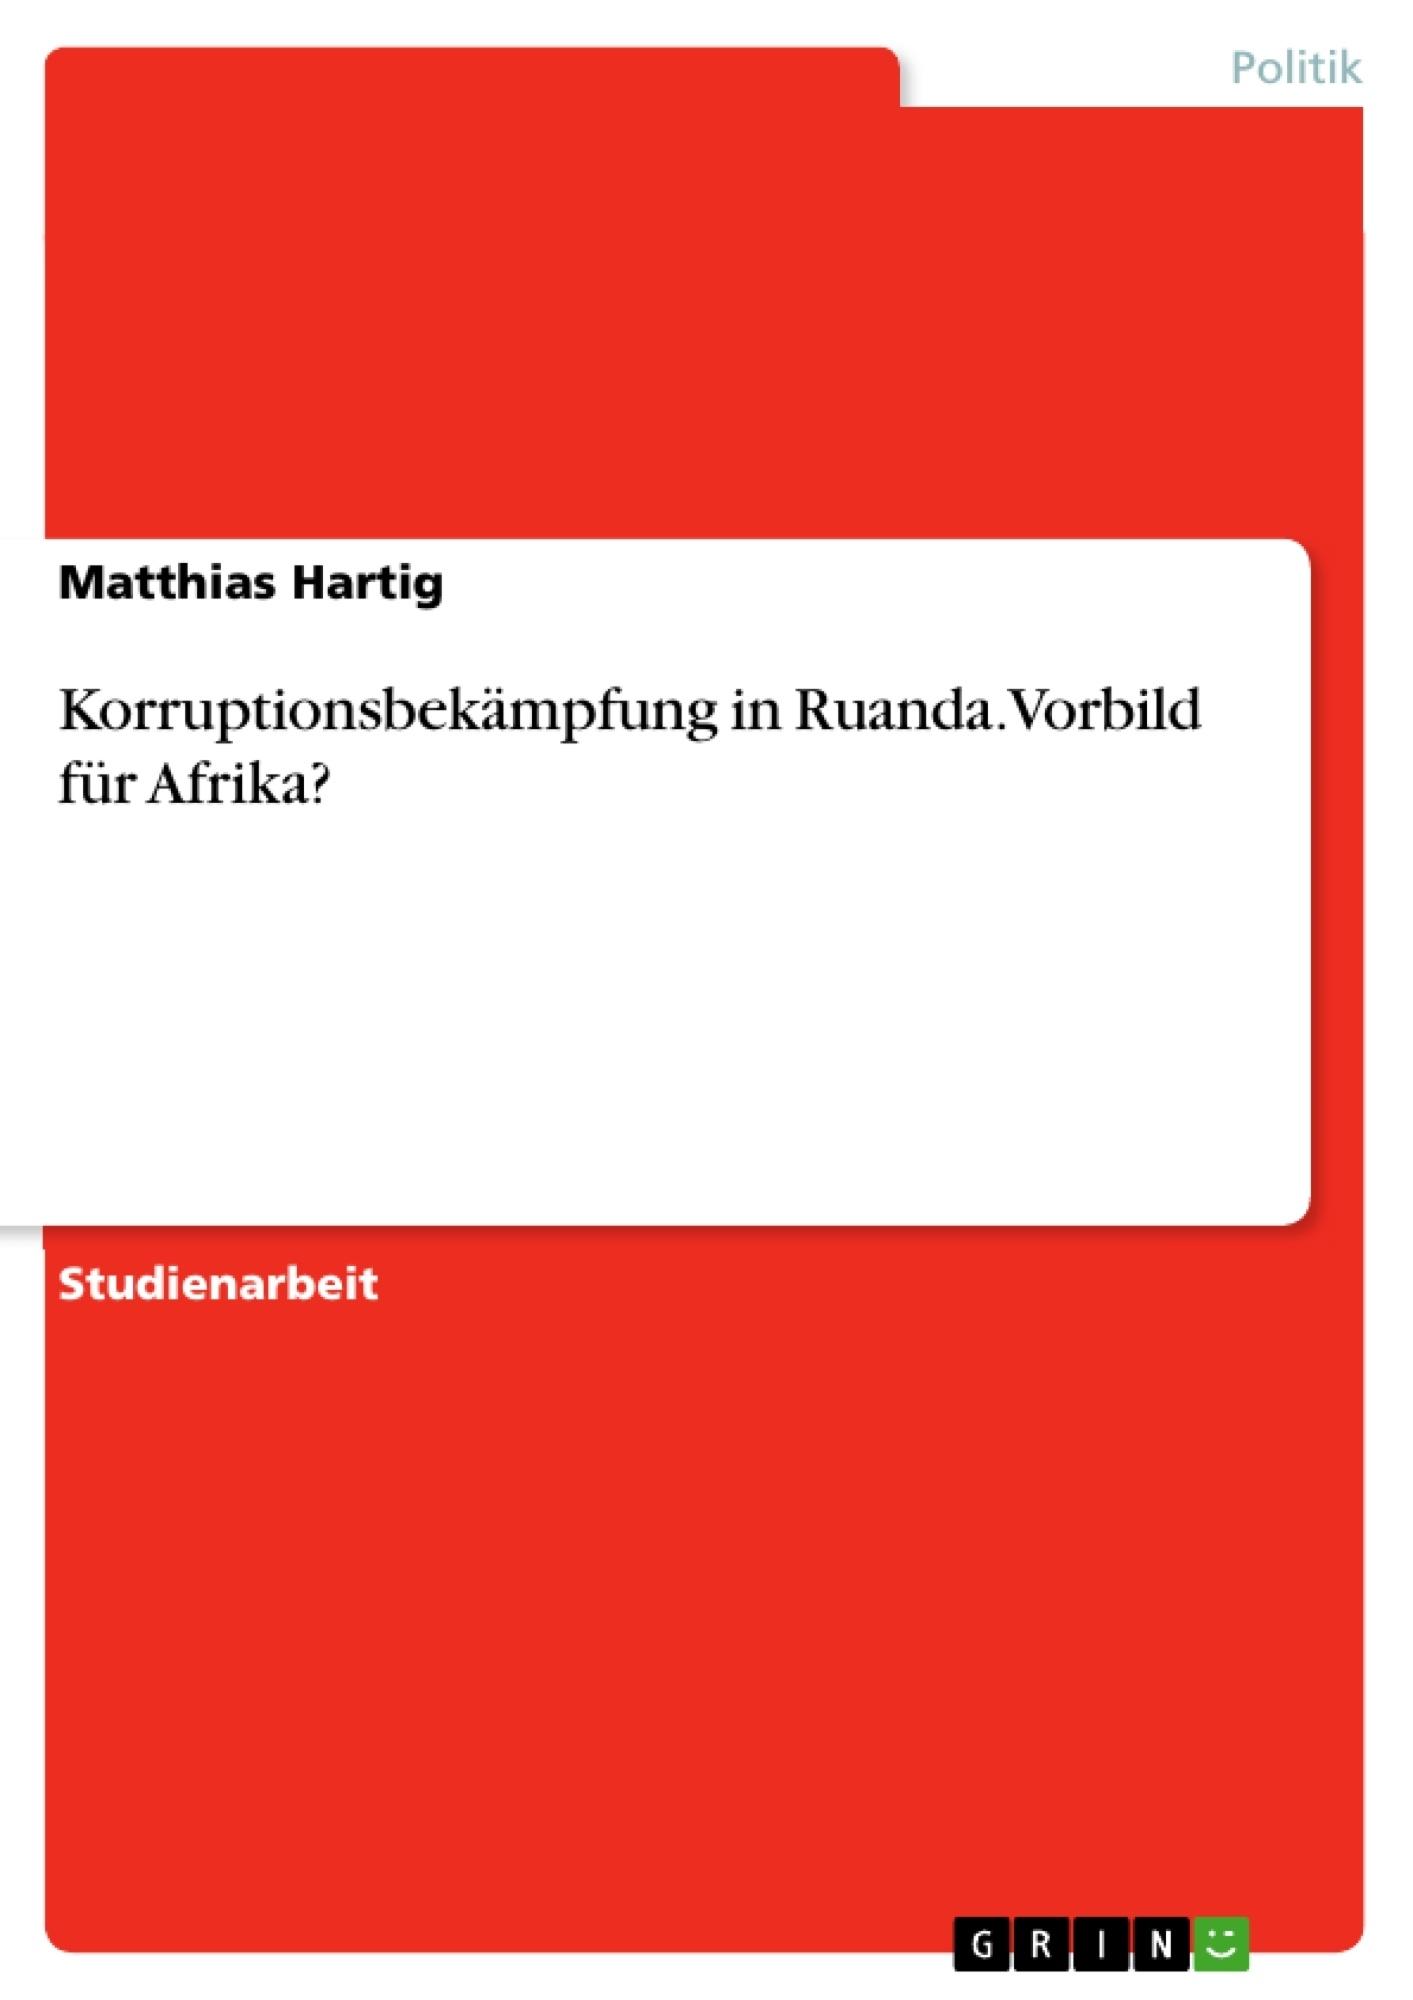 Titel: Korruptionsbekämpfung in Ruanda. Vorbild für Afrika?